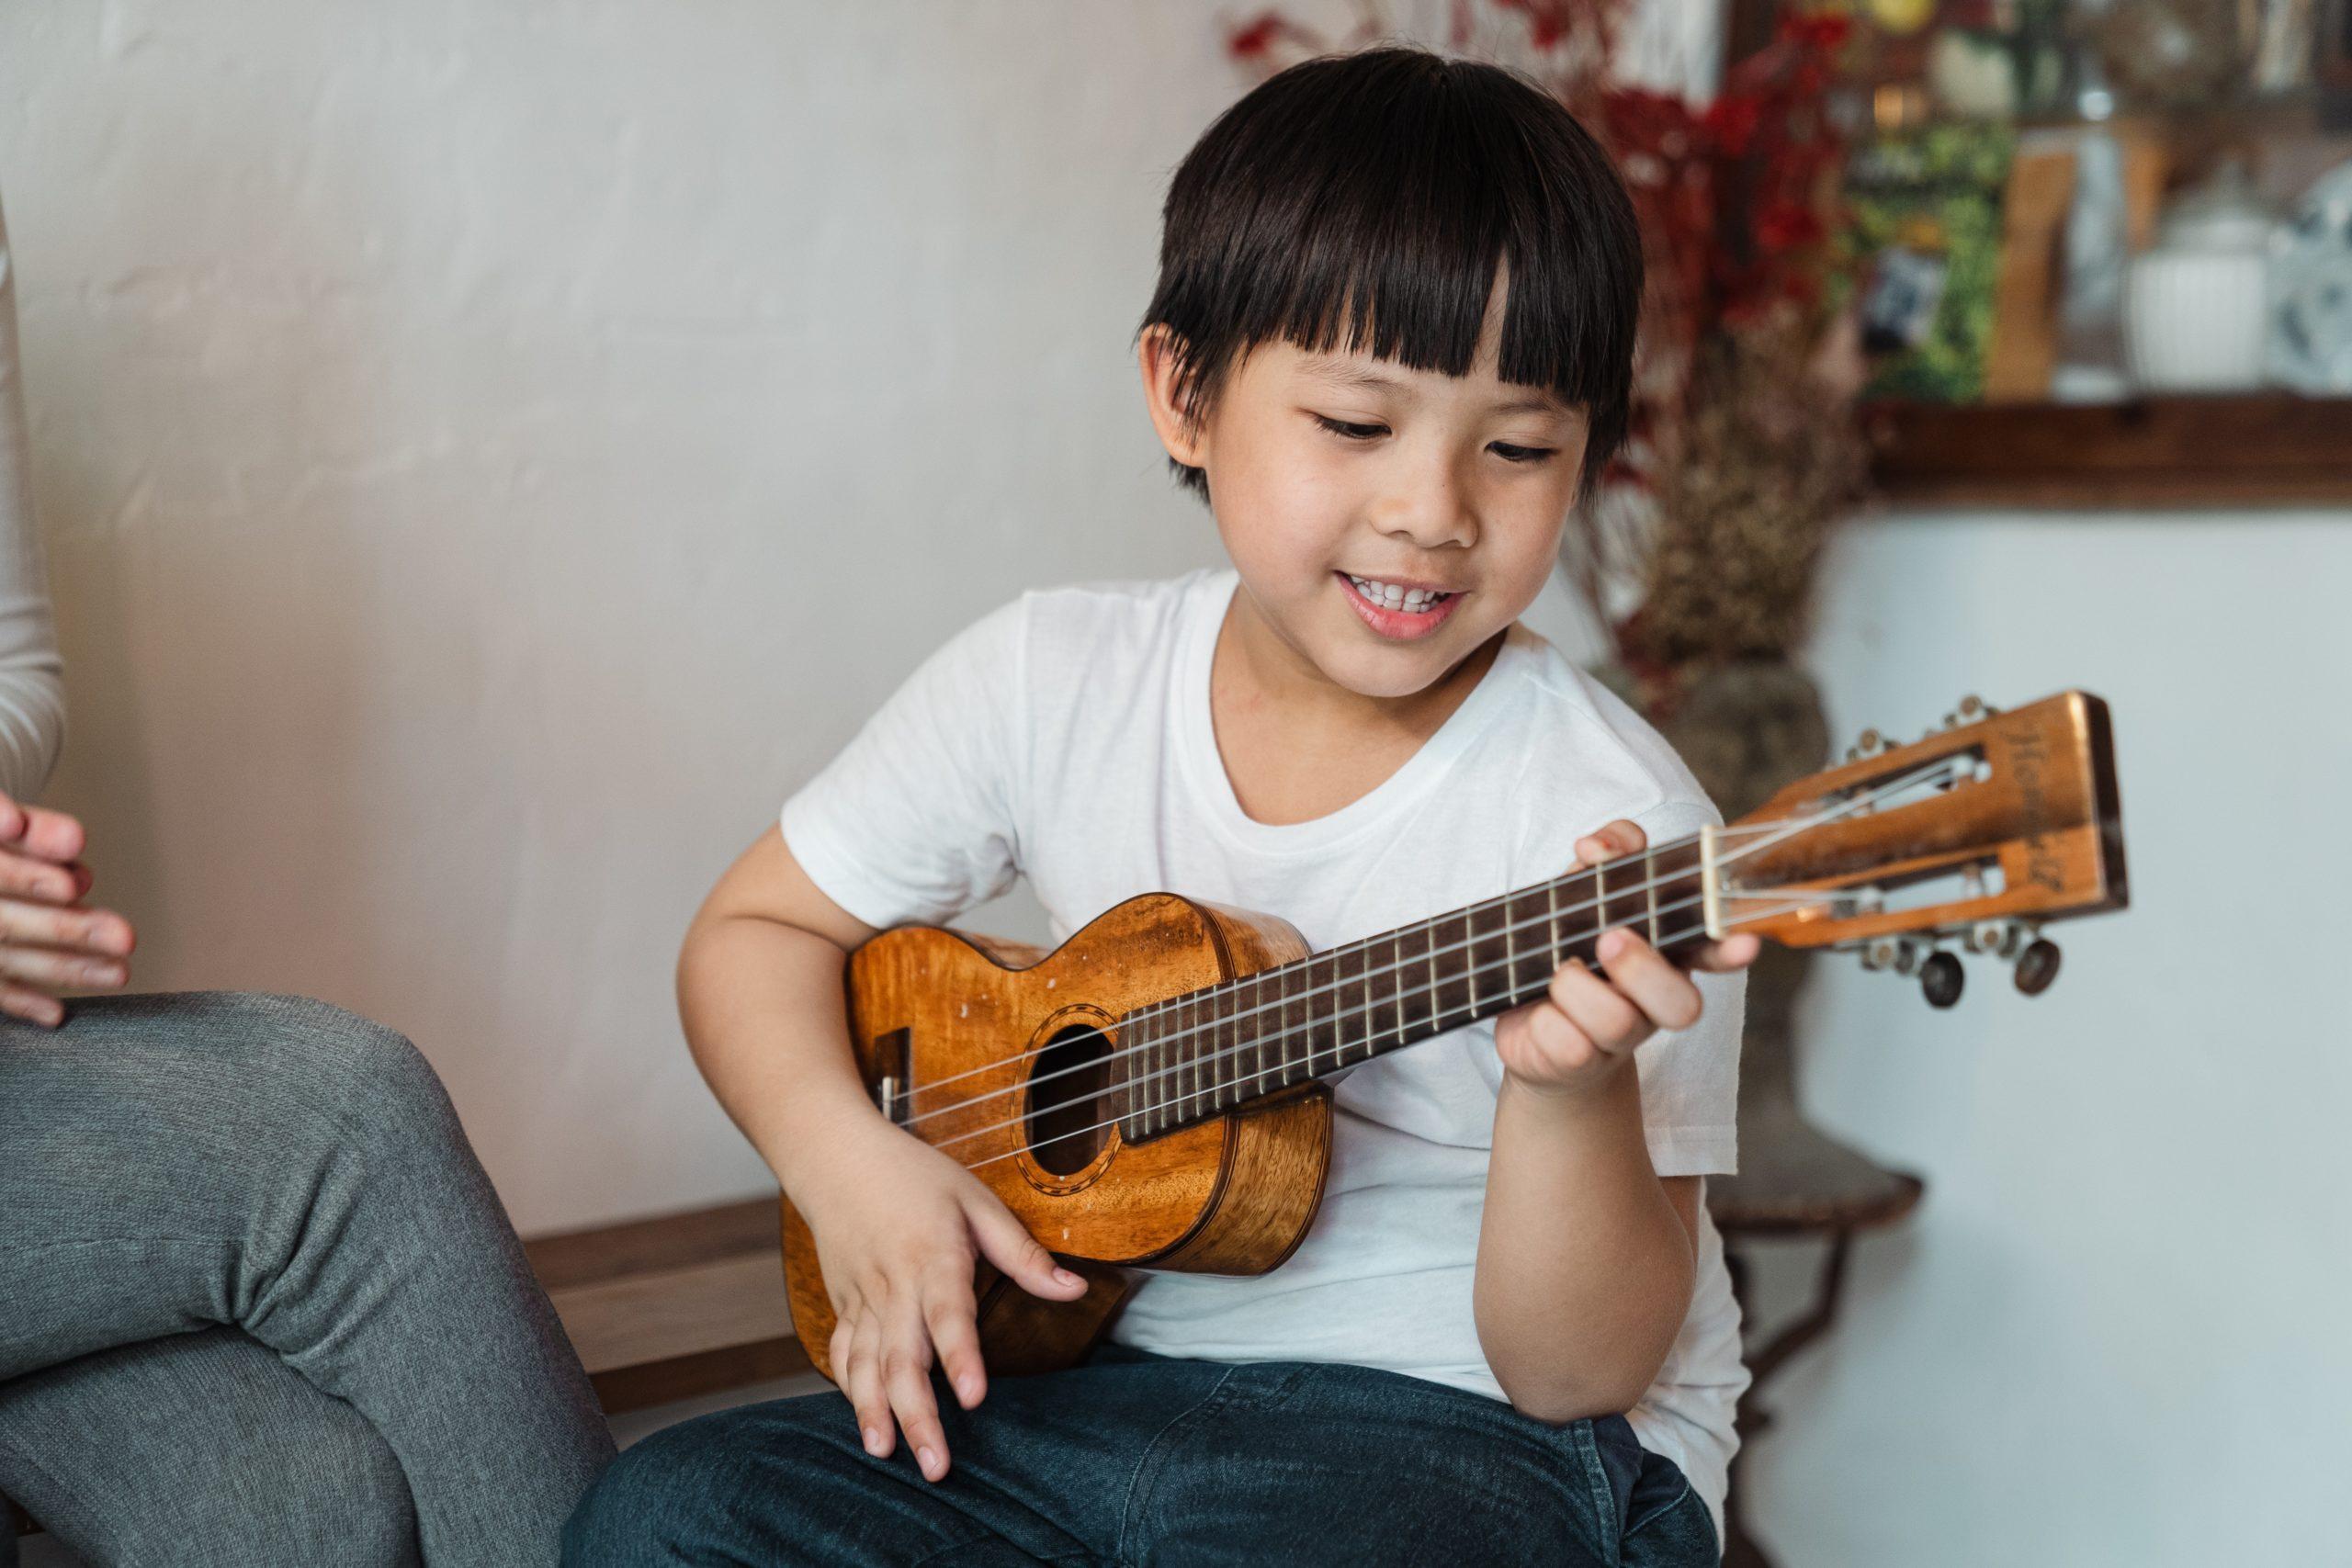 child playing ukulele making music